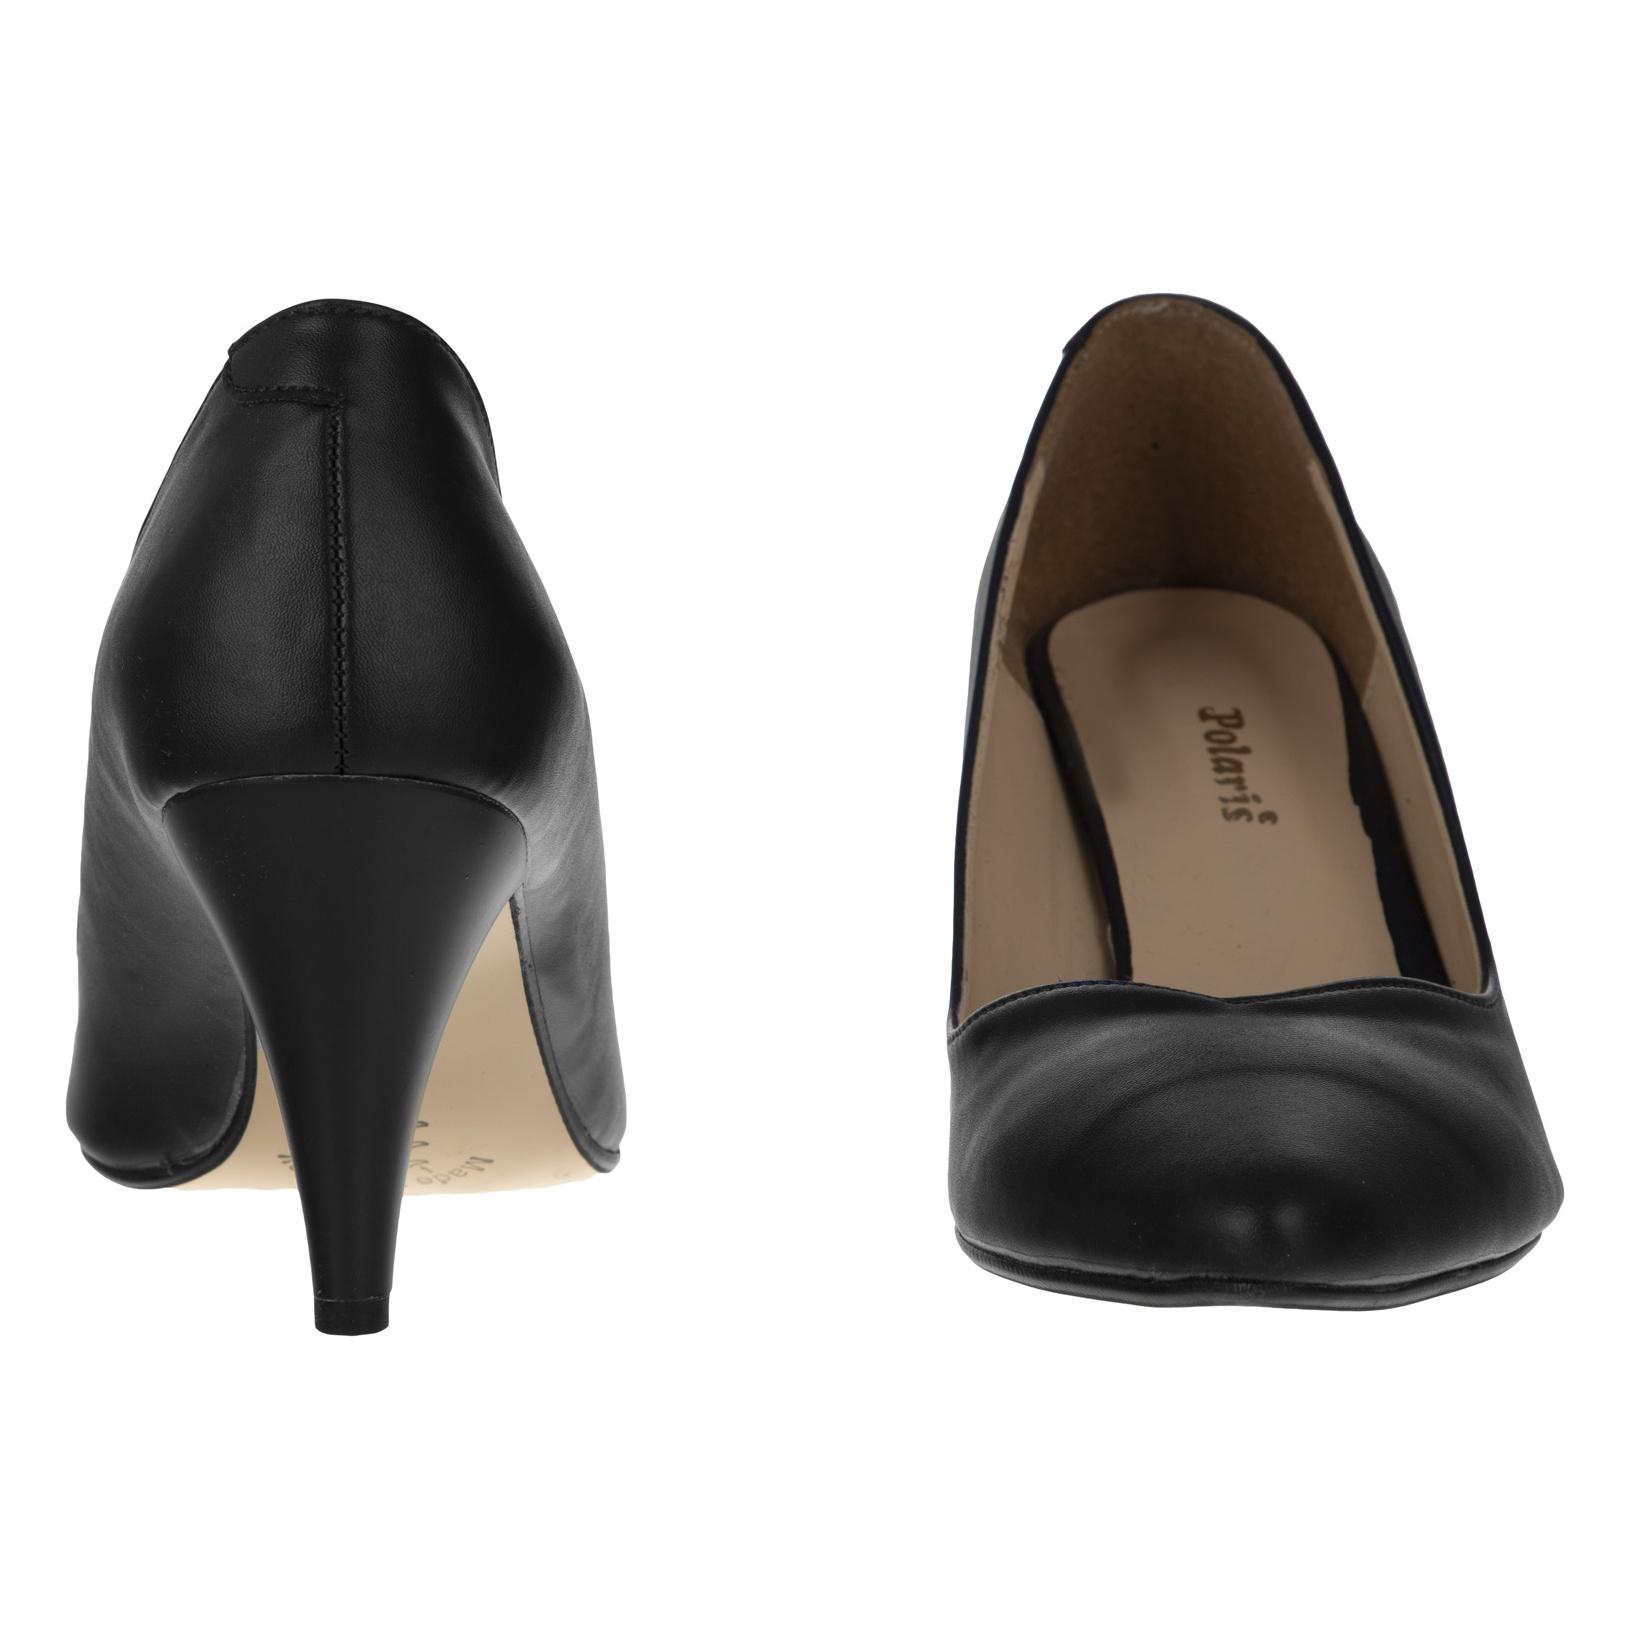 کفش زنانه پولاریس مدل 100294709-113 main 1 2